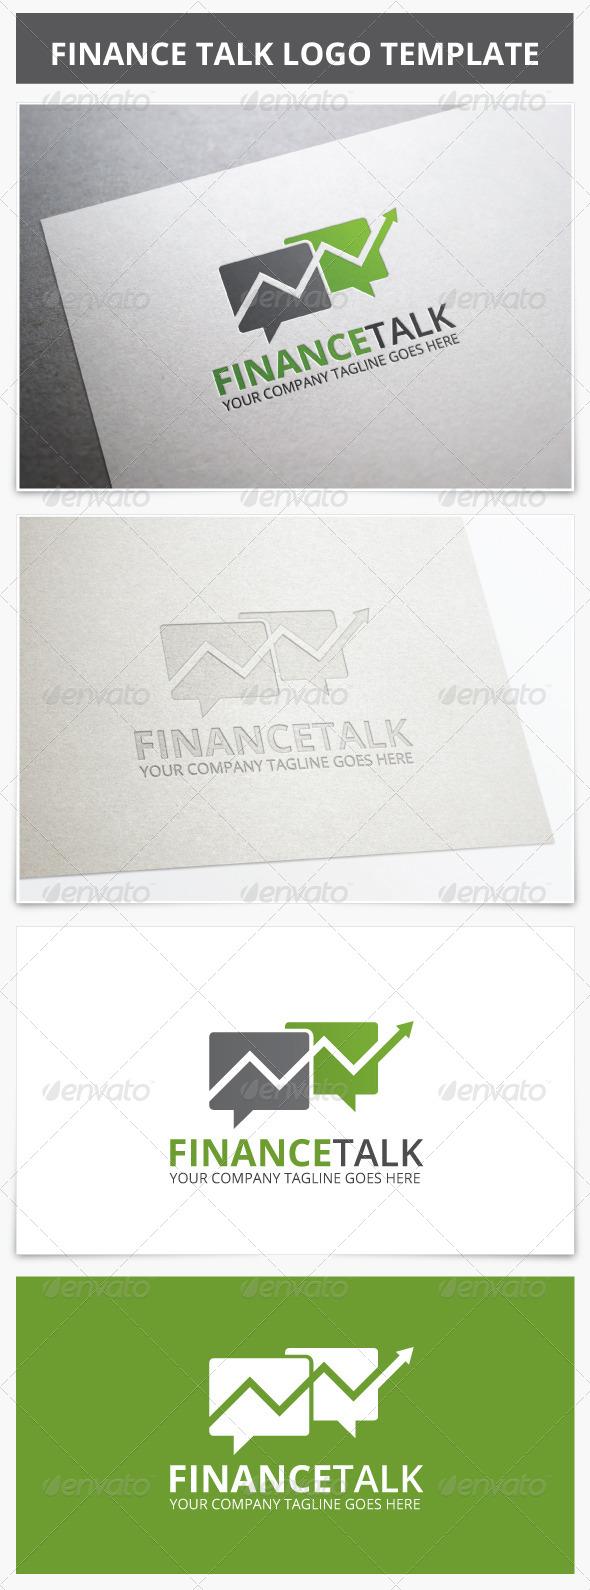 Finance Talk Logo